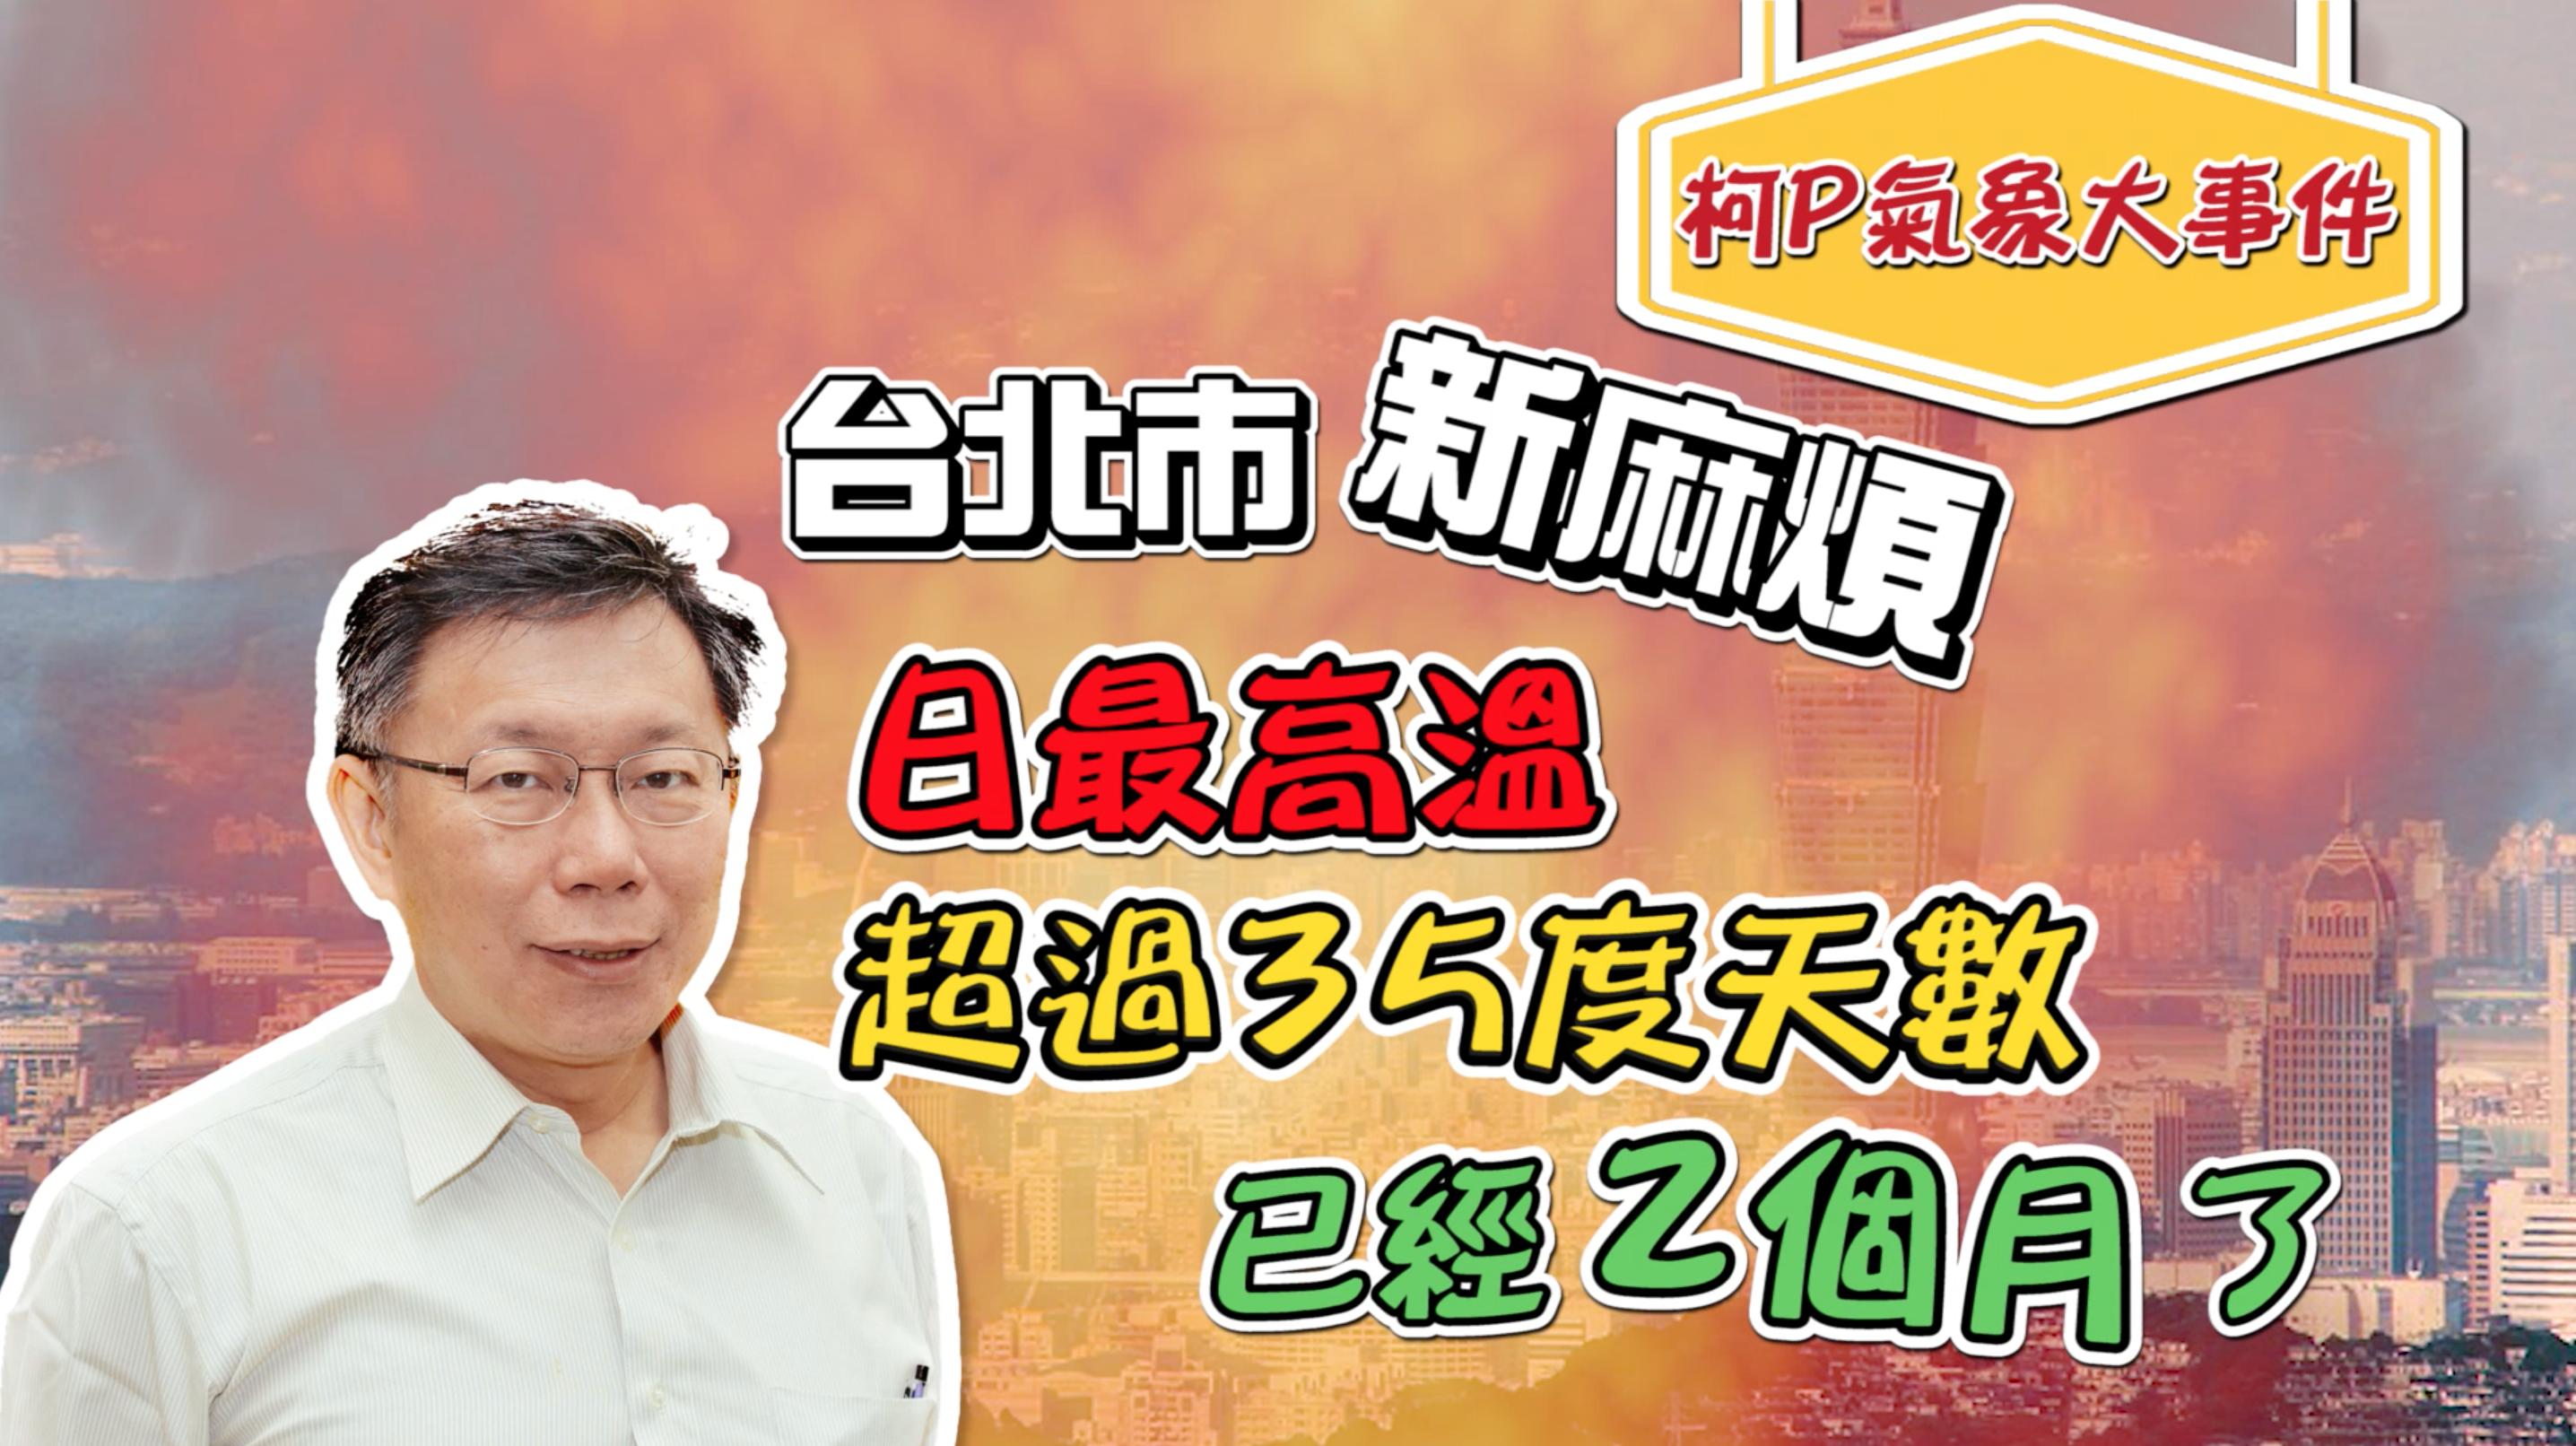 【氣象大事件】臺北市新麻煩 日高溫天數持續上升